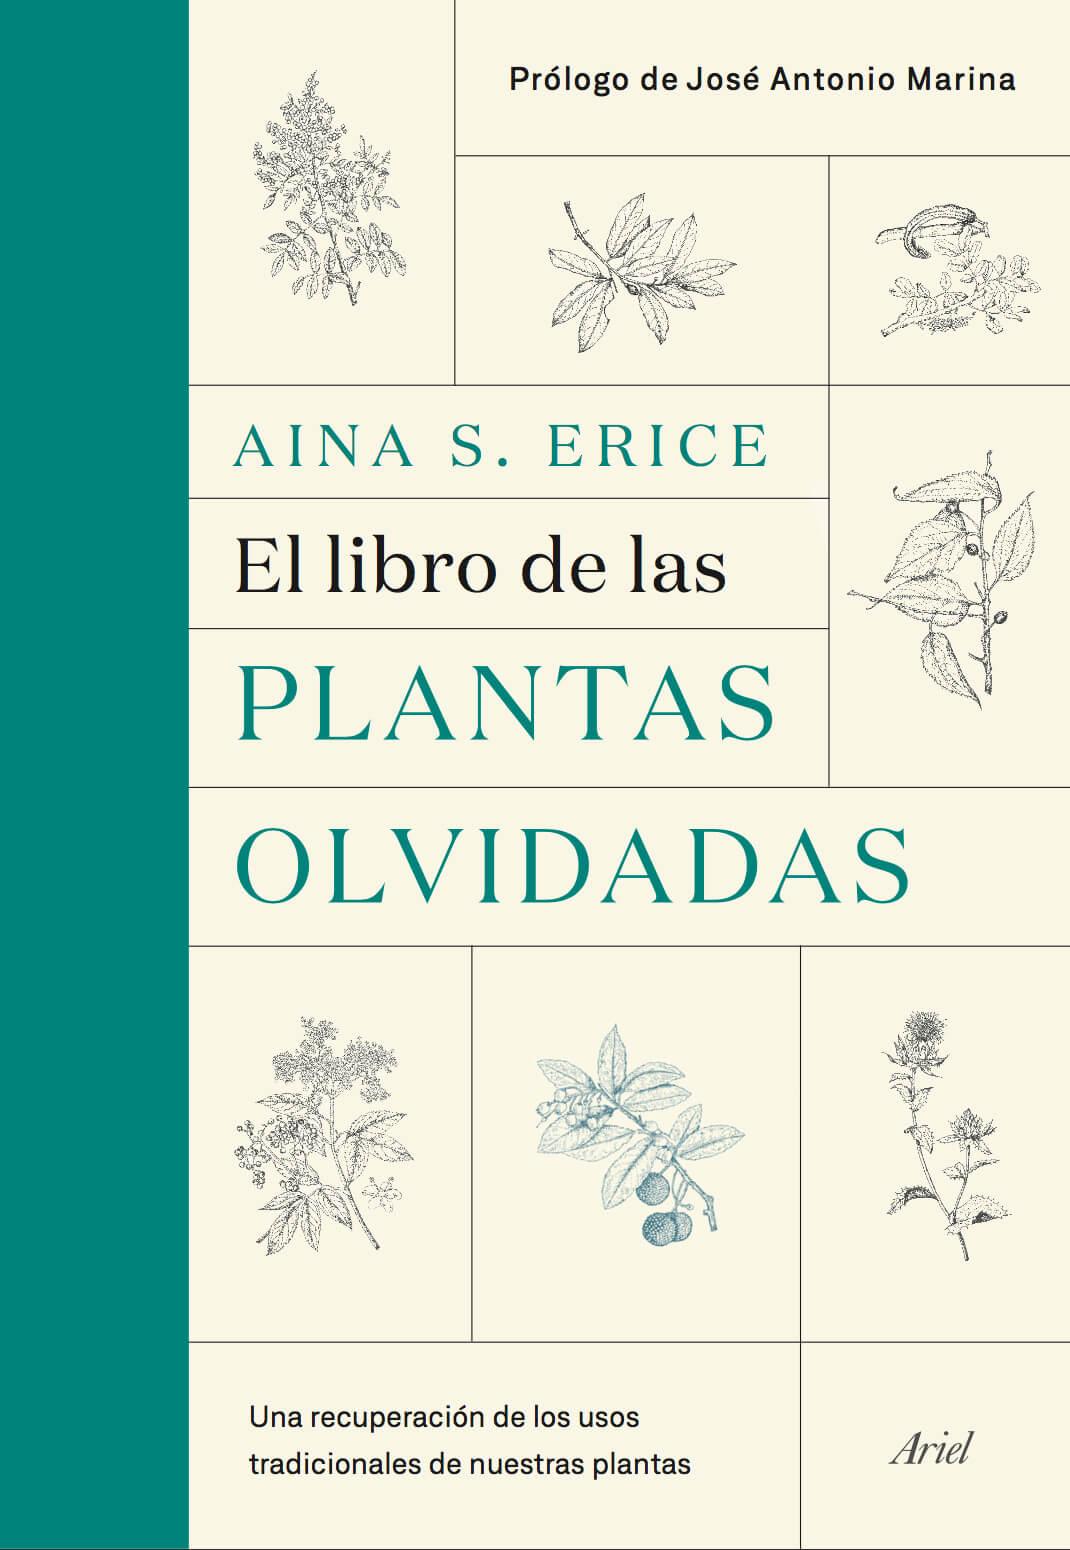 El libro de las plantas olvidadas (Ariel, 2019): por Aina S. Erice